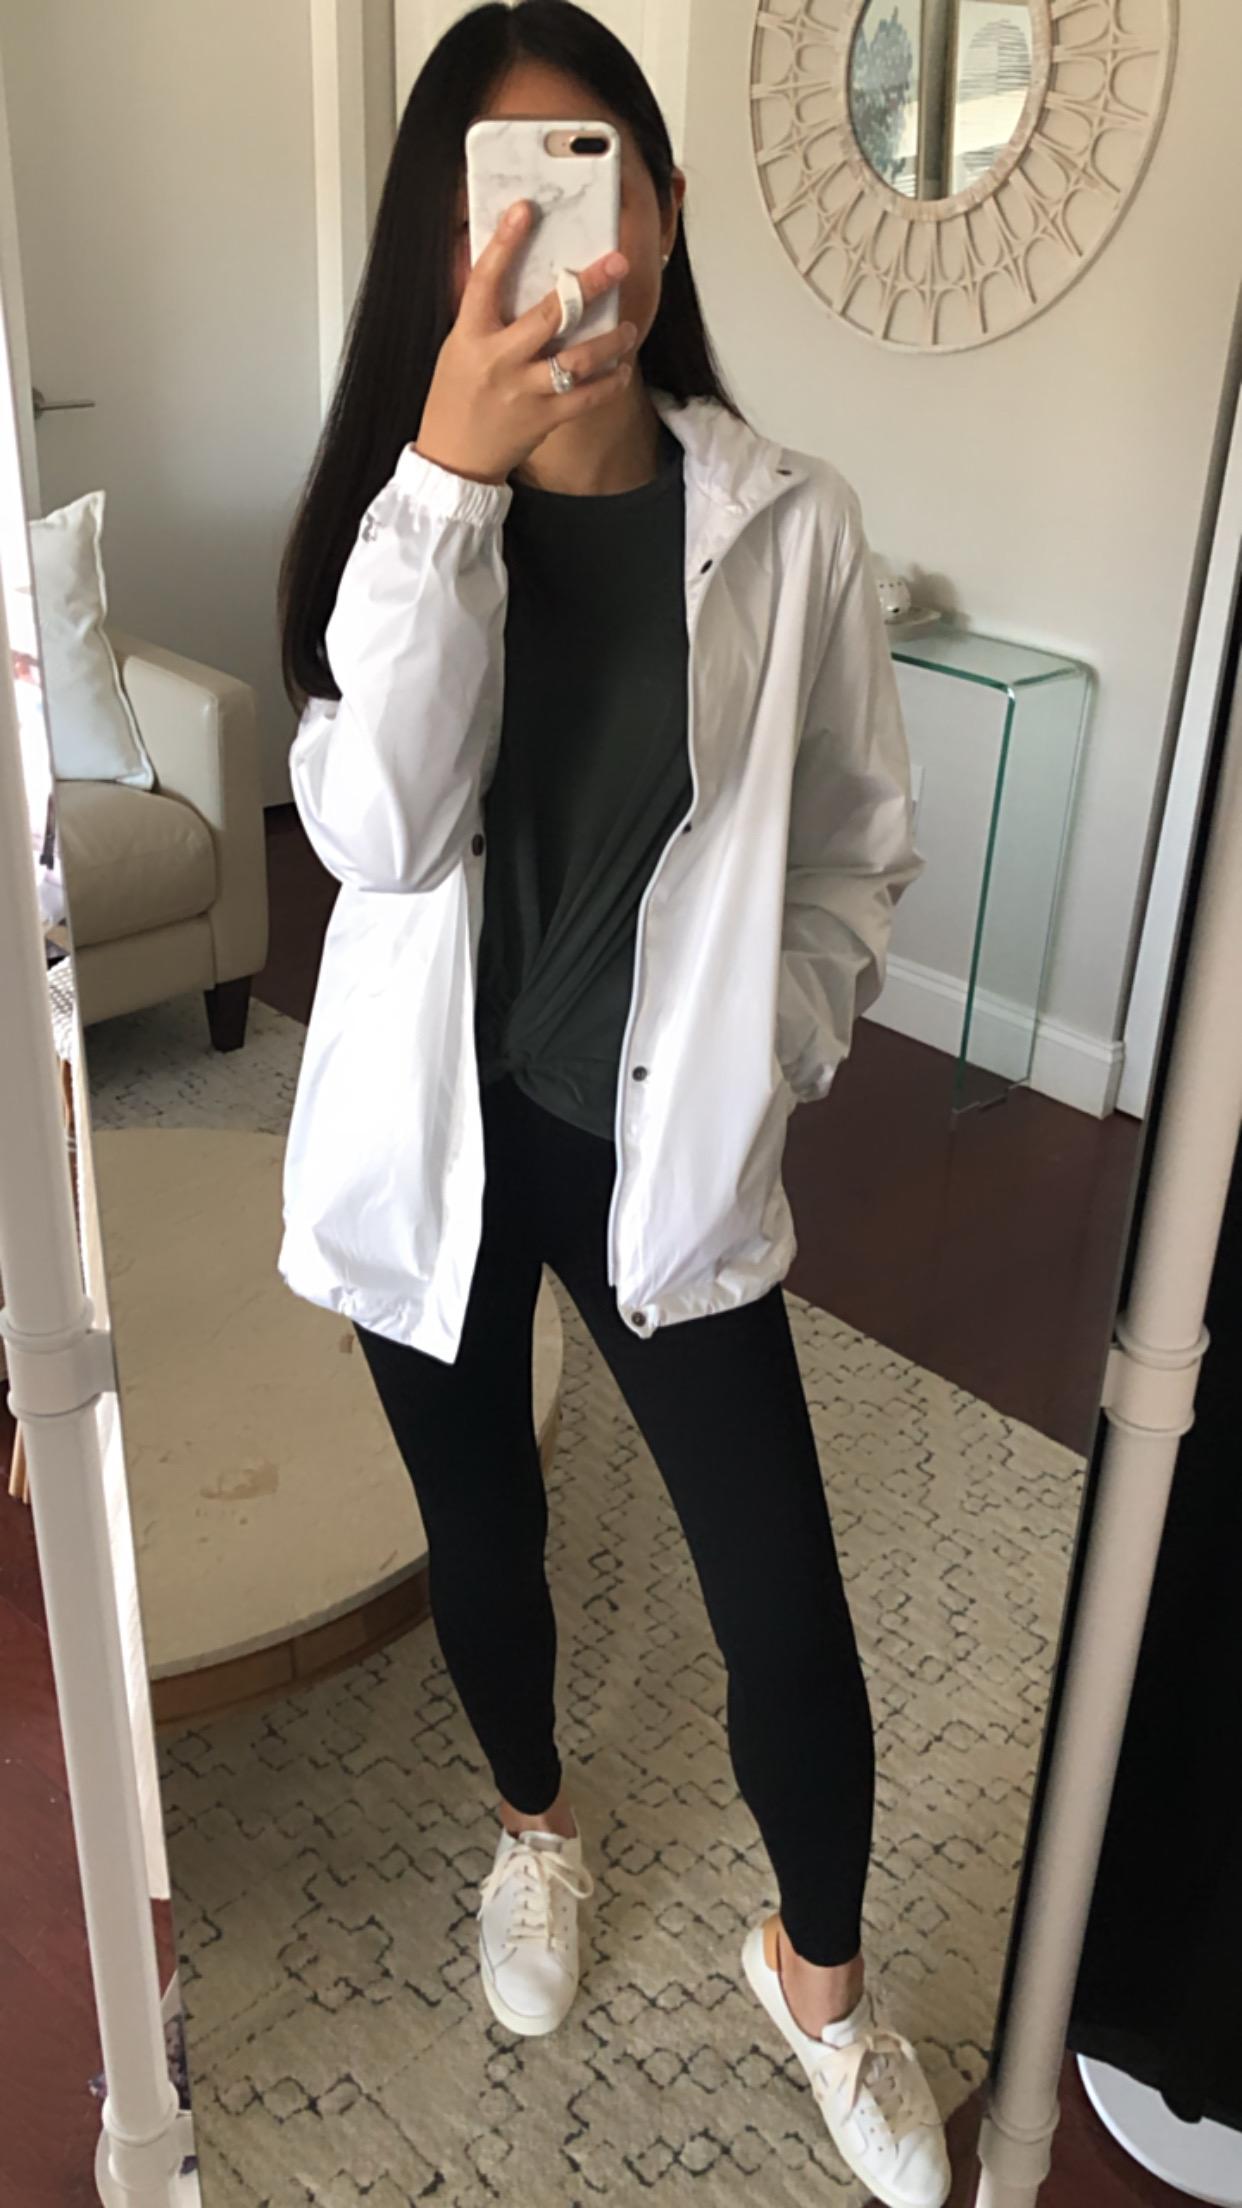 Starter Women's Waterproof Breathable Jacket, size XS